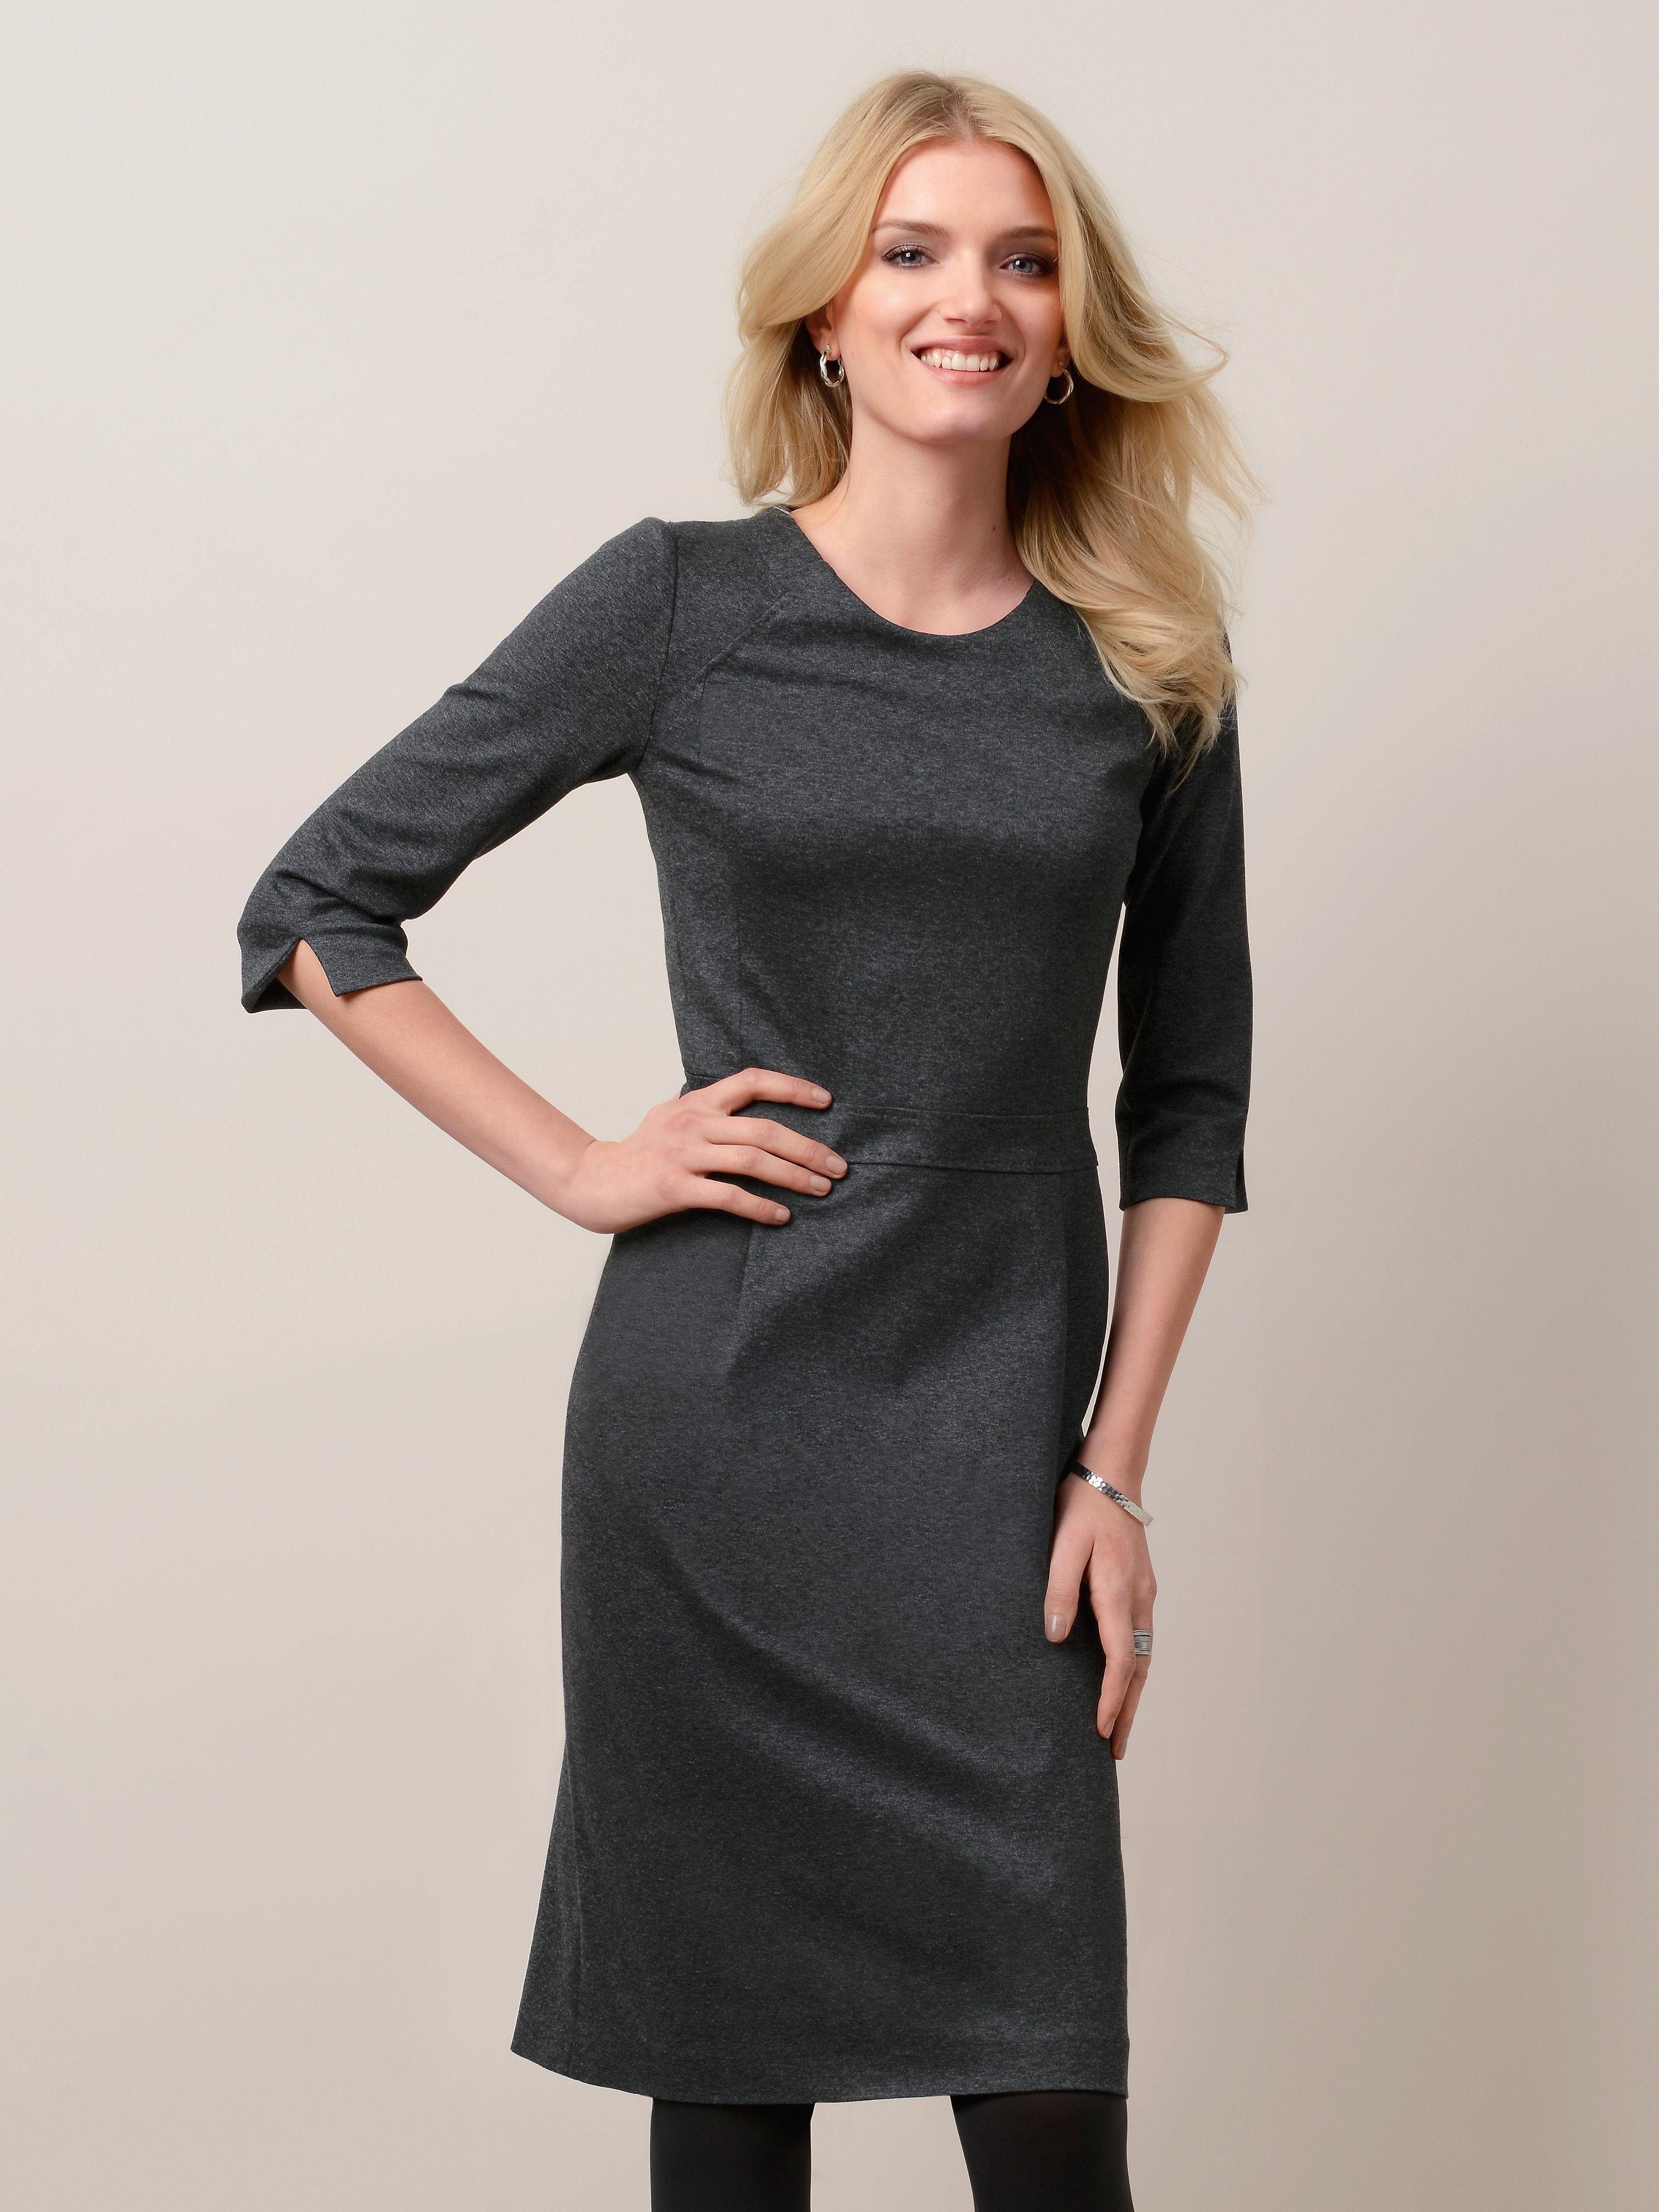 Jersey-Kleid 3 4-Arm Fadenmeister Berlin grau Größe  42€ 359,95€  289,95Anbieter  peterhahn.atVersand  € 5,95 -19% 438734403d